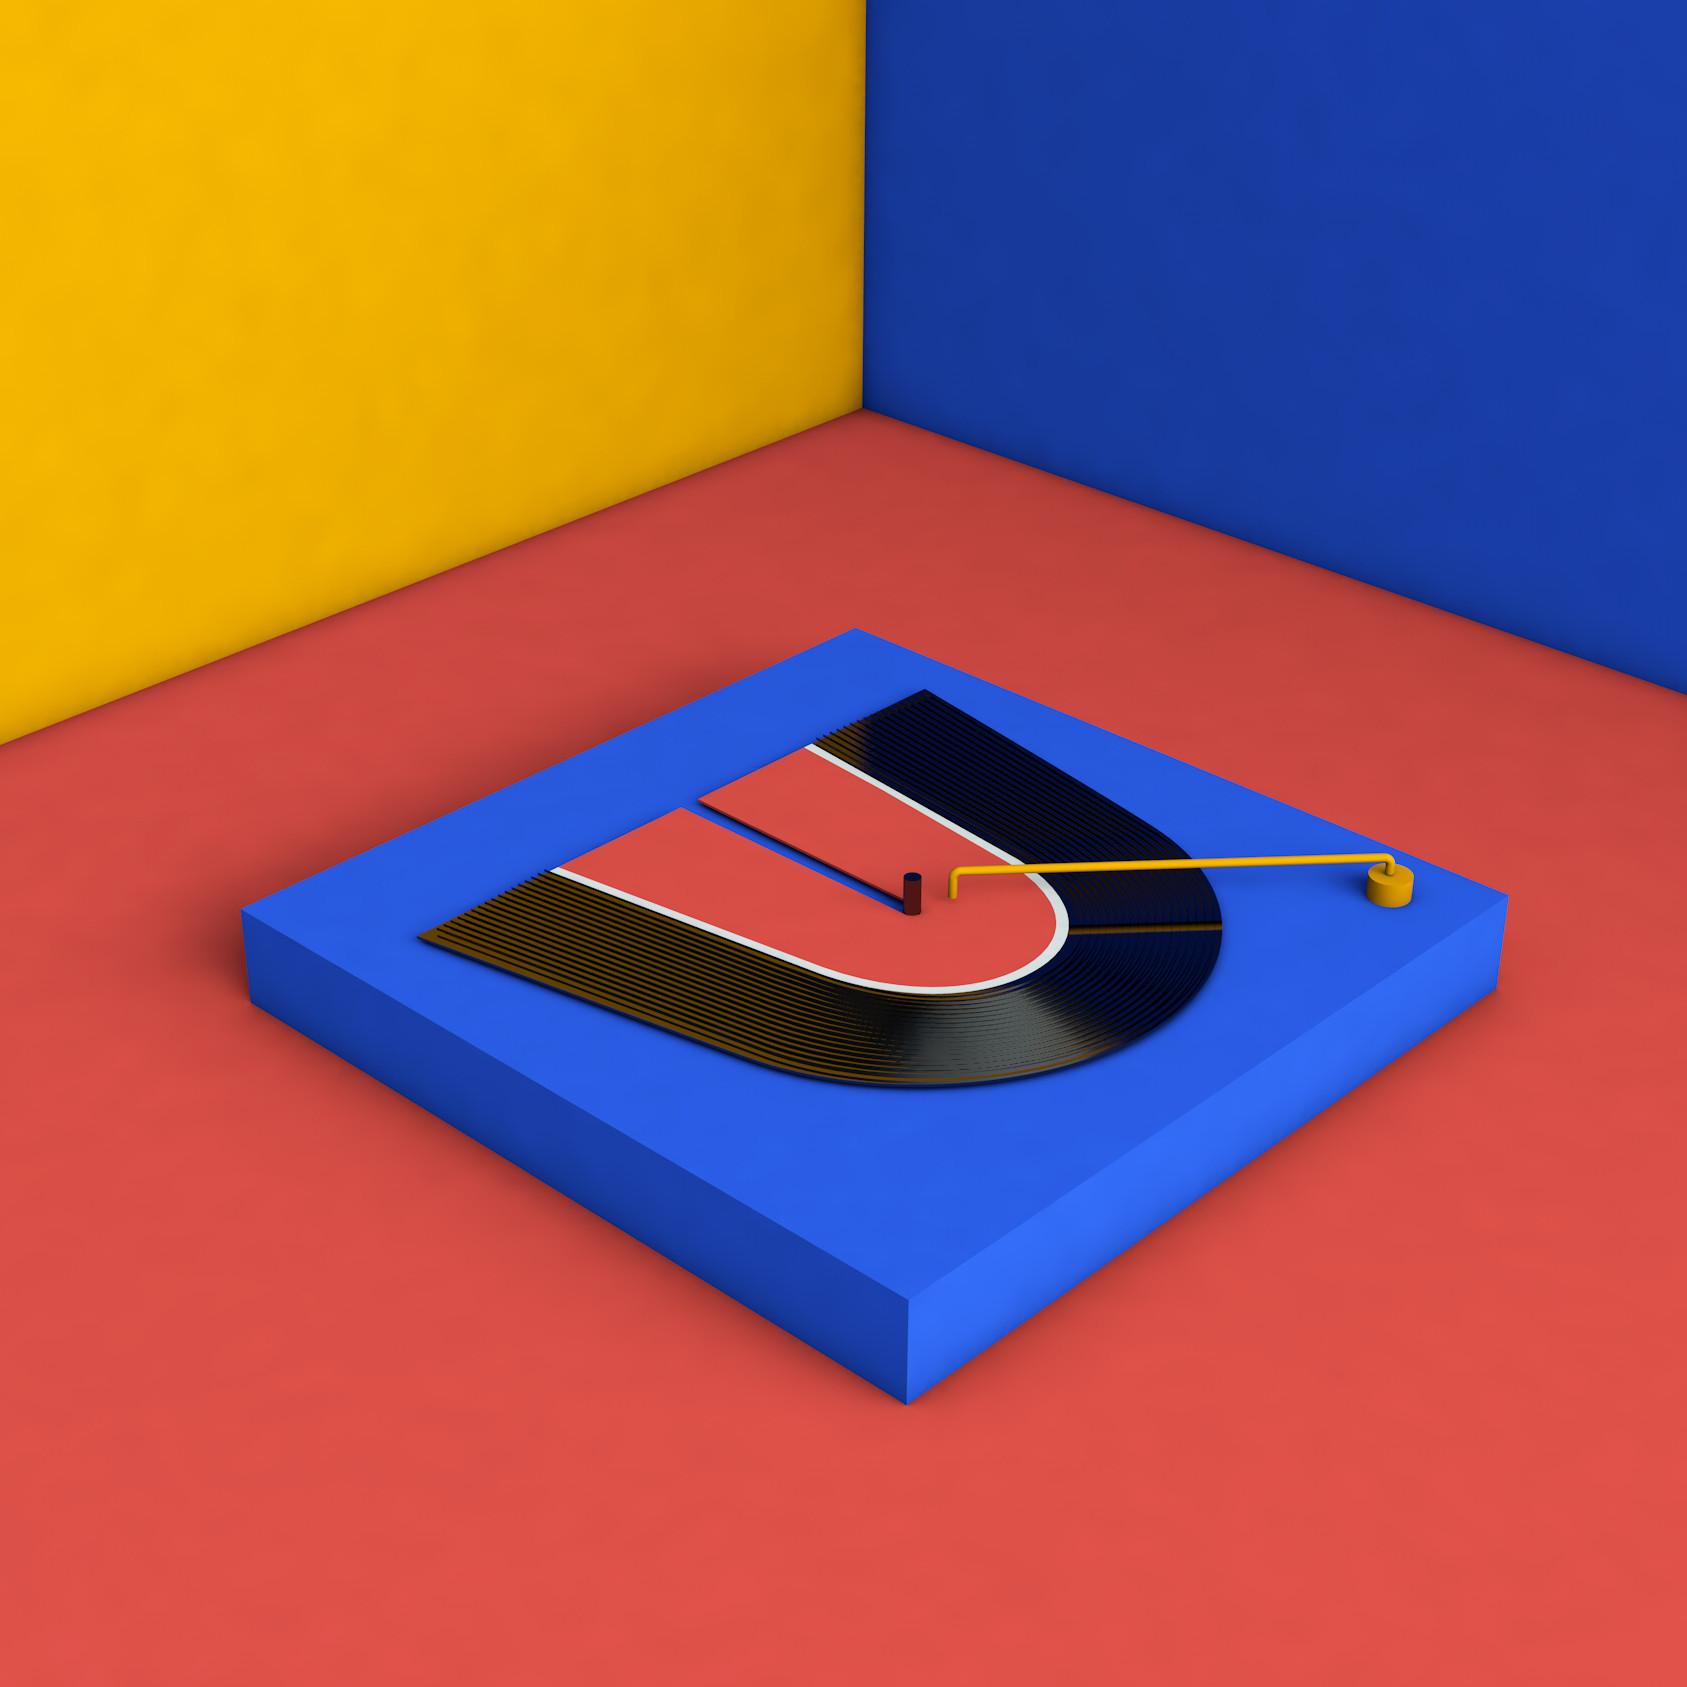 V for Vinyl